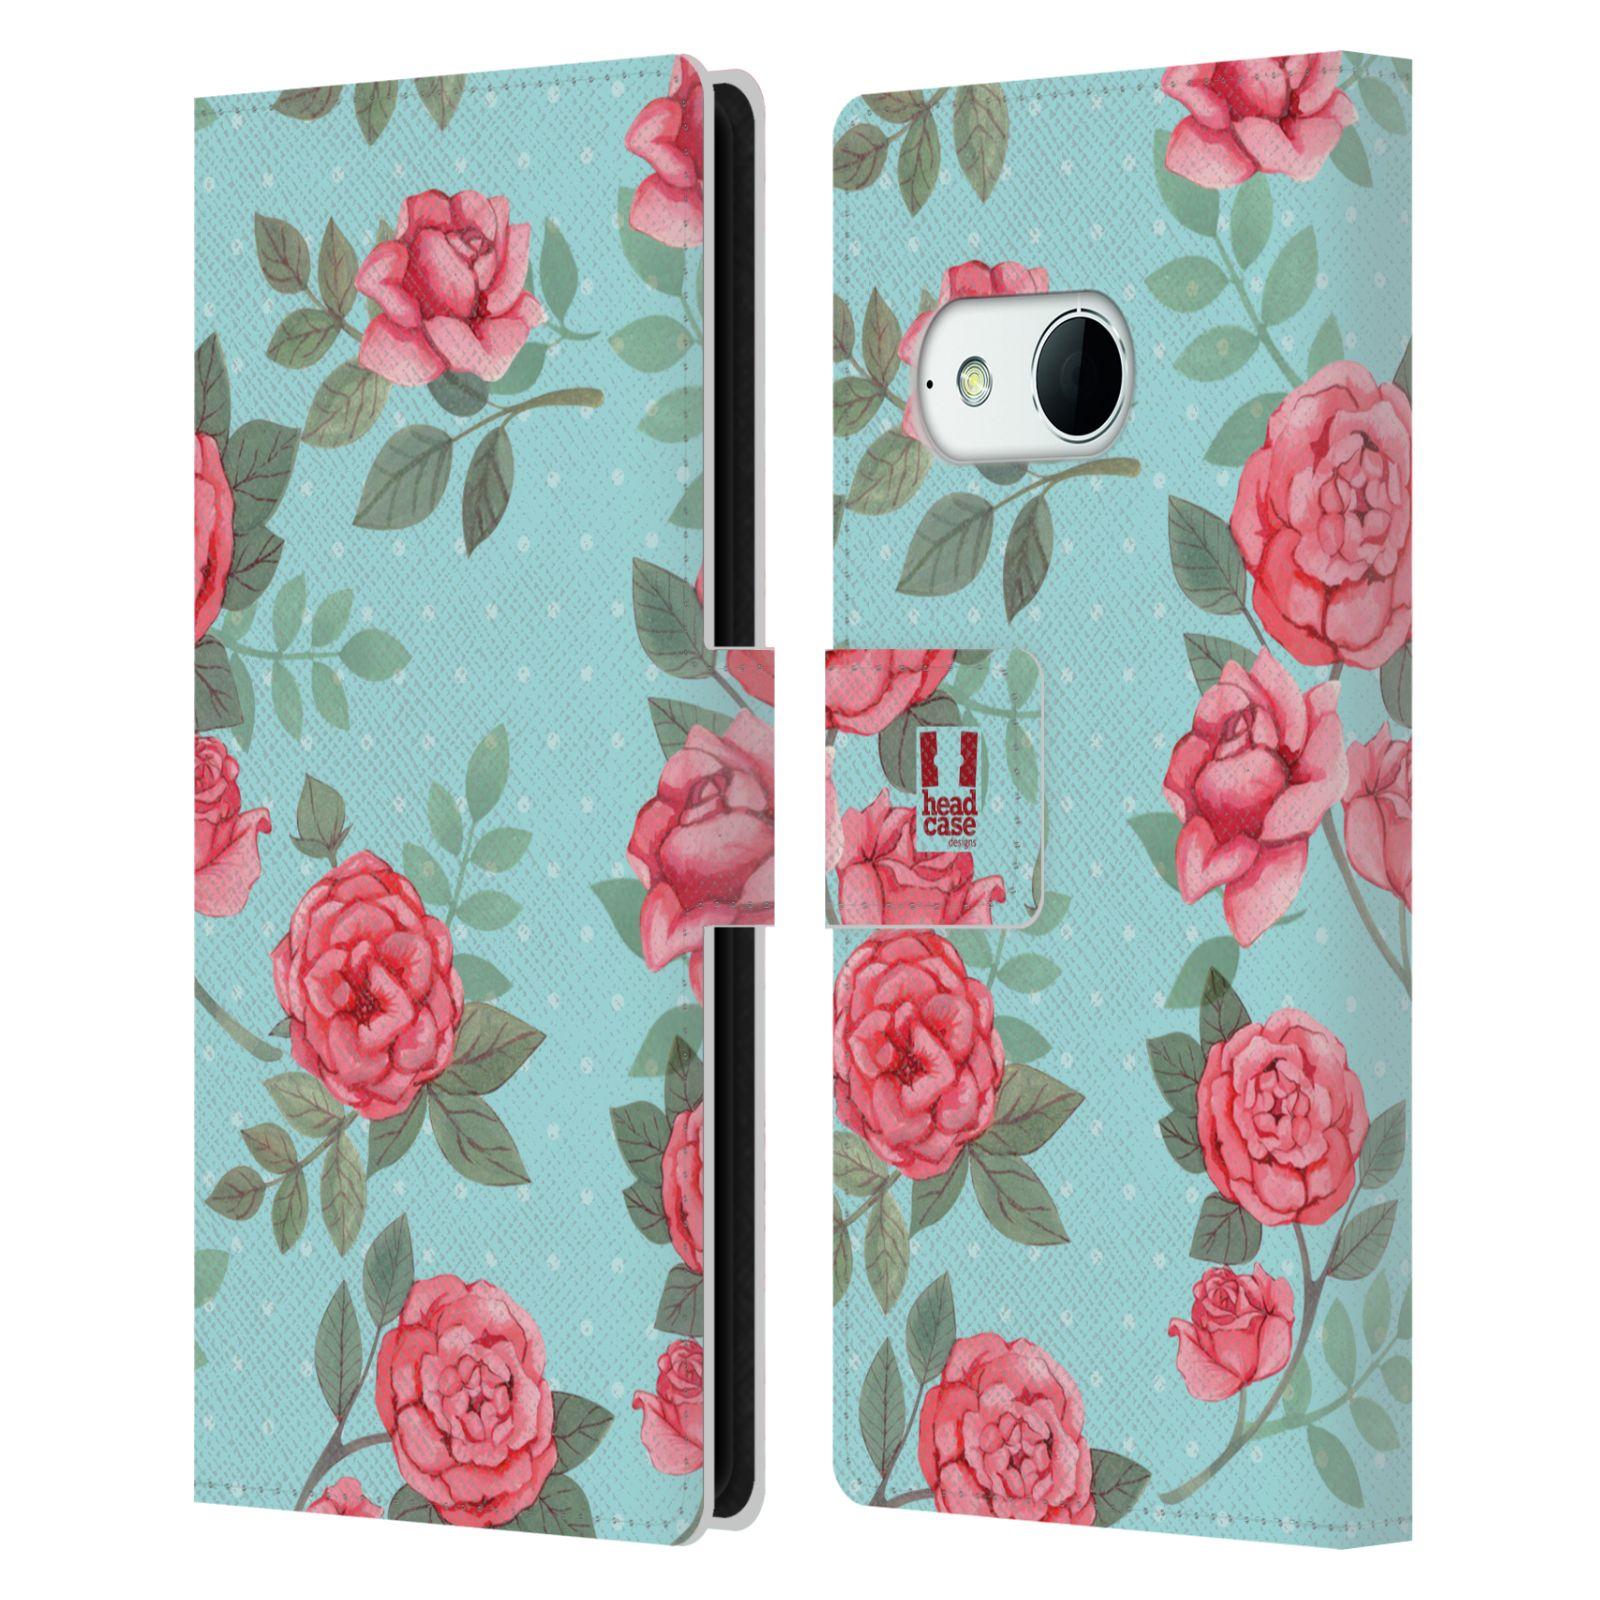 HEAD CASE Flipové pouzdro pro mobil HTC ONE MINI 2 (M8) romantické květy velké růže modrá a růžová